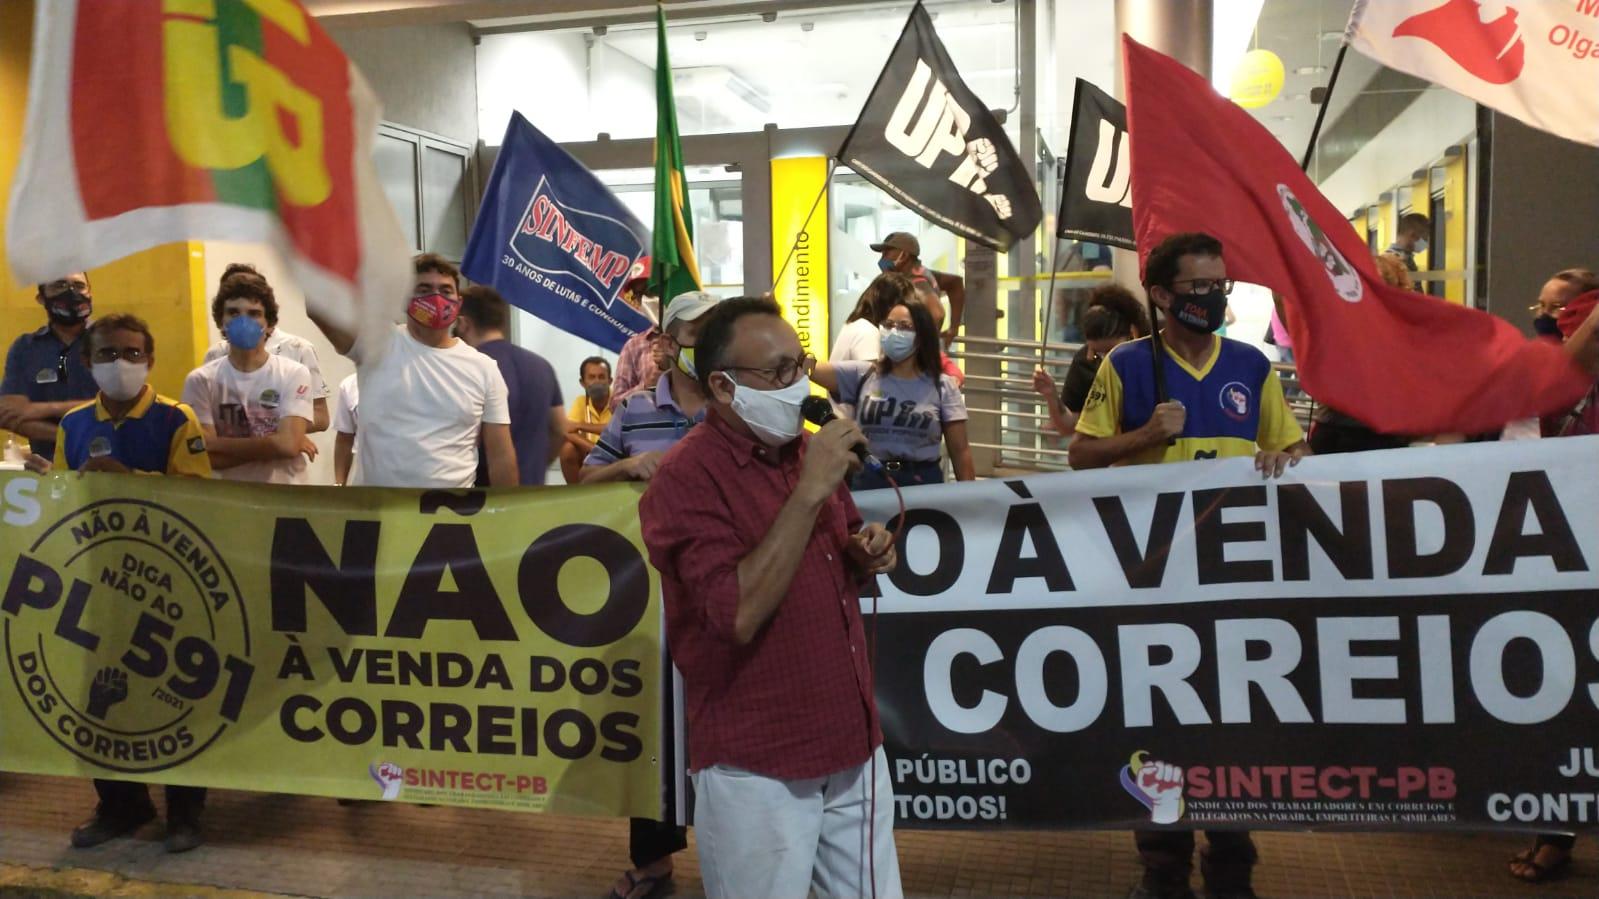 Zé Gonçalves diz em mobilização contra a PEC 32  da Reforma Administrativa que povo precisa ir às ruas para barrar Bolsonaro